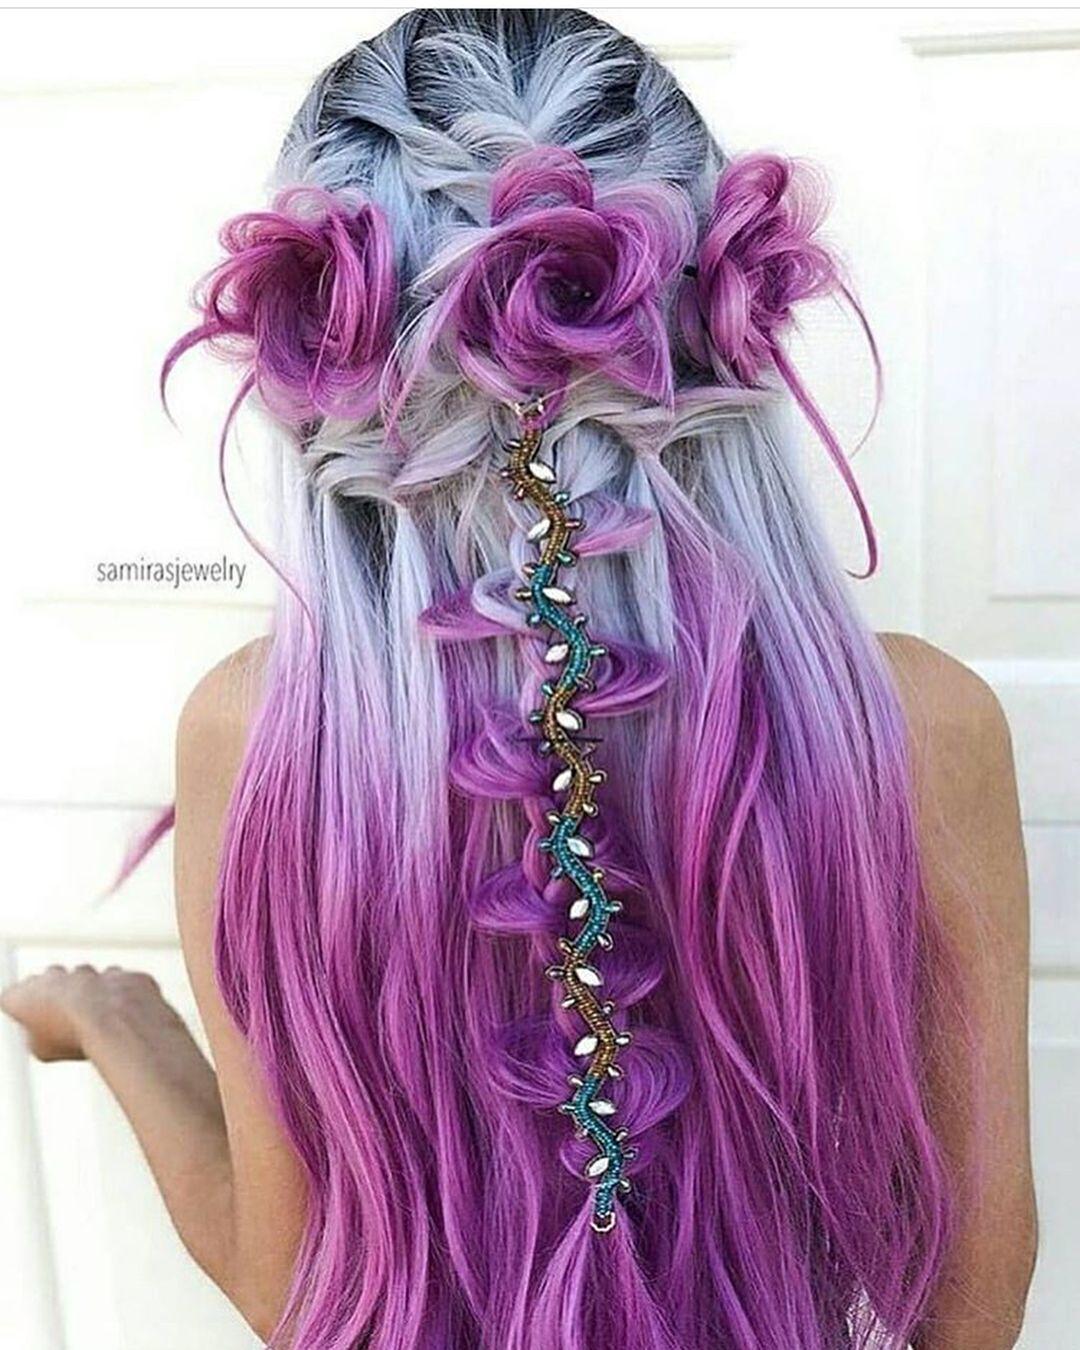 Pin by sophiekins on hair u makeup pinterest hair styles hair